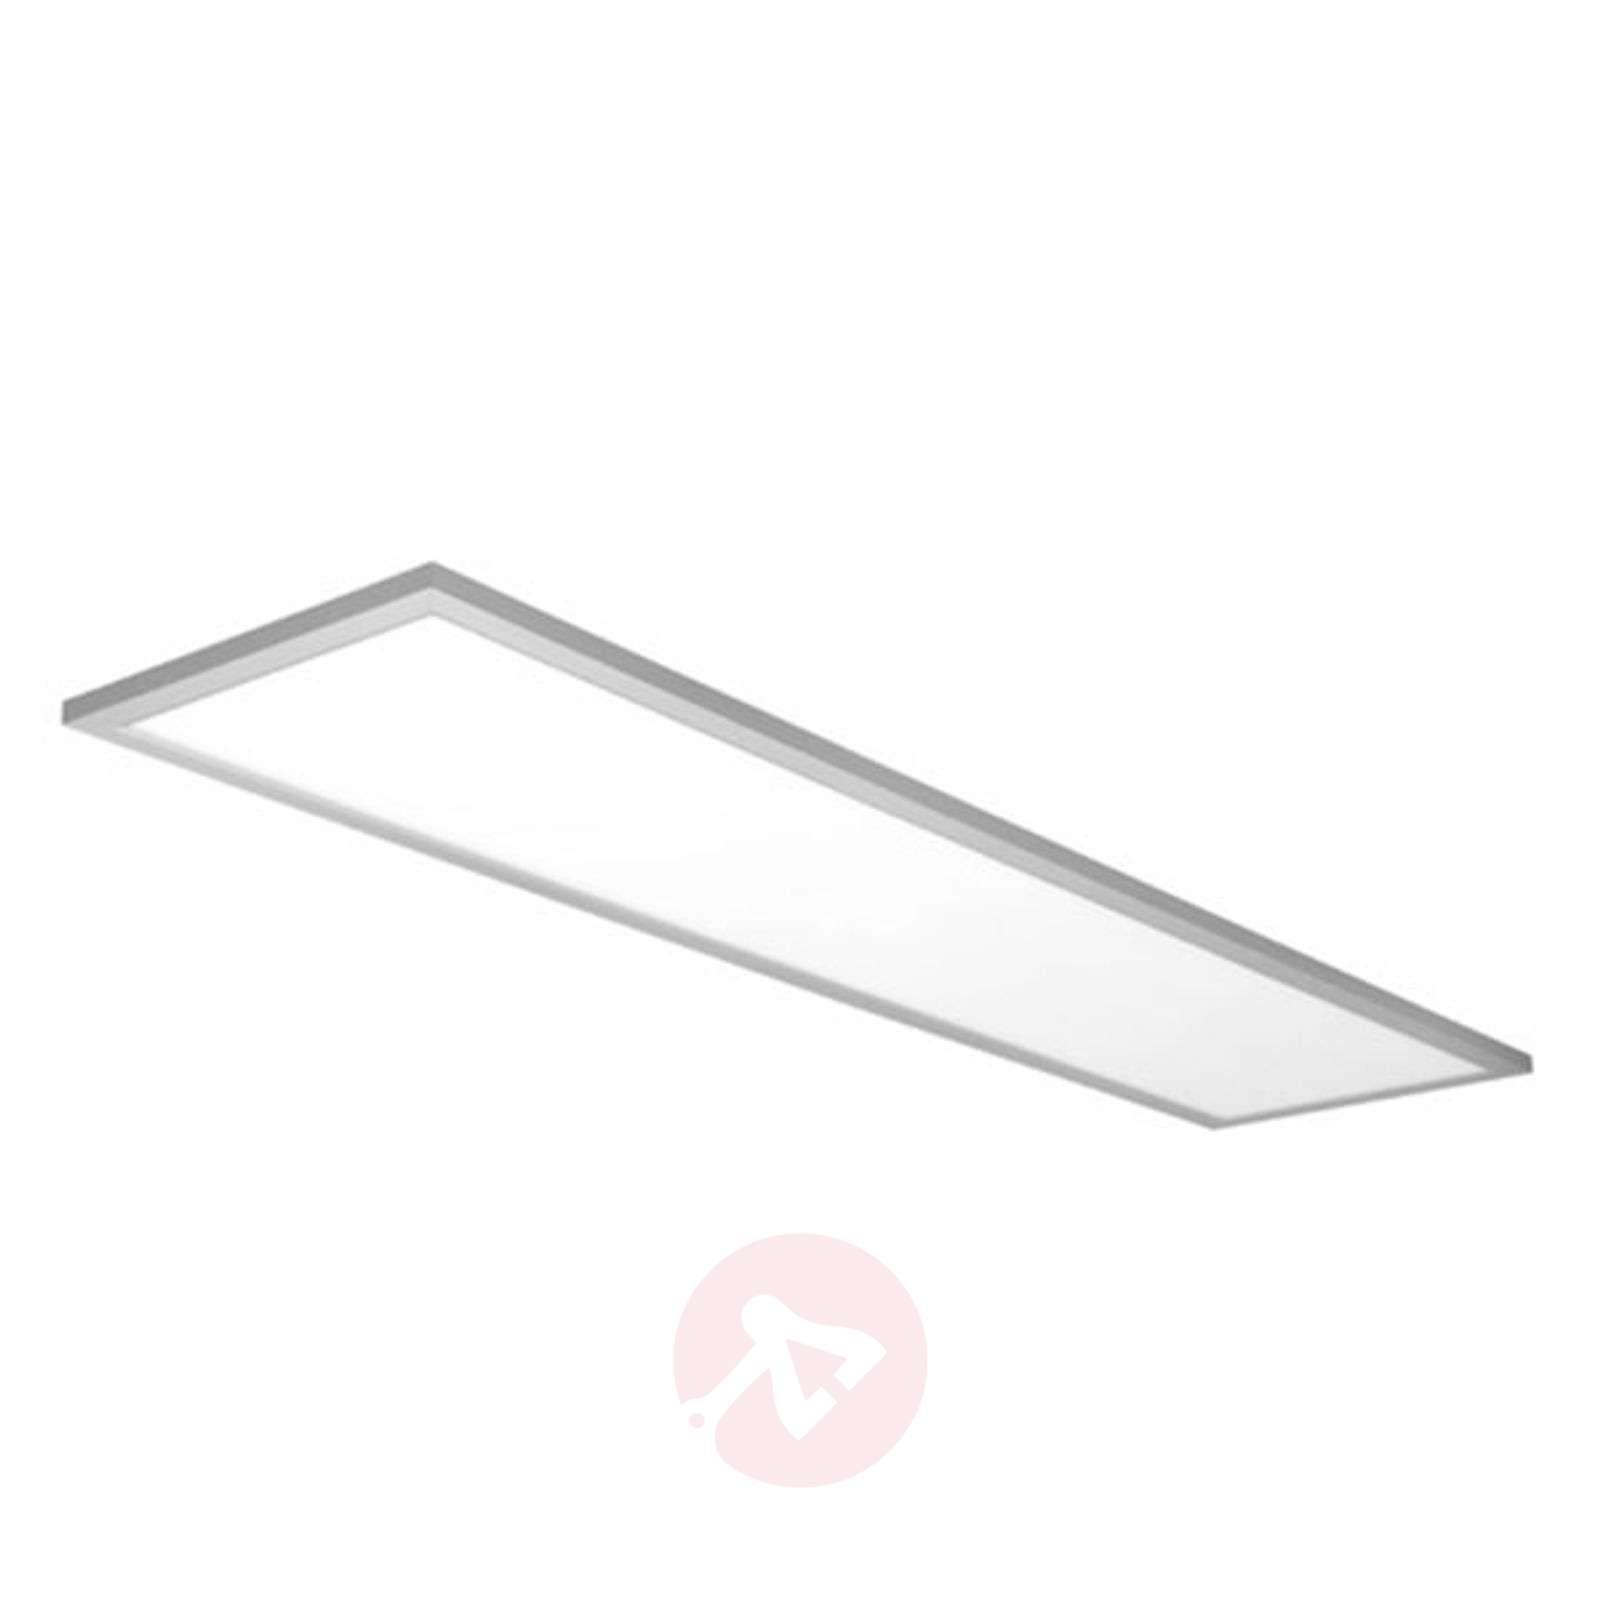 LED panel Premium High Output 1050 ma_3002181_1